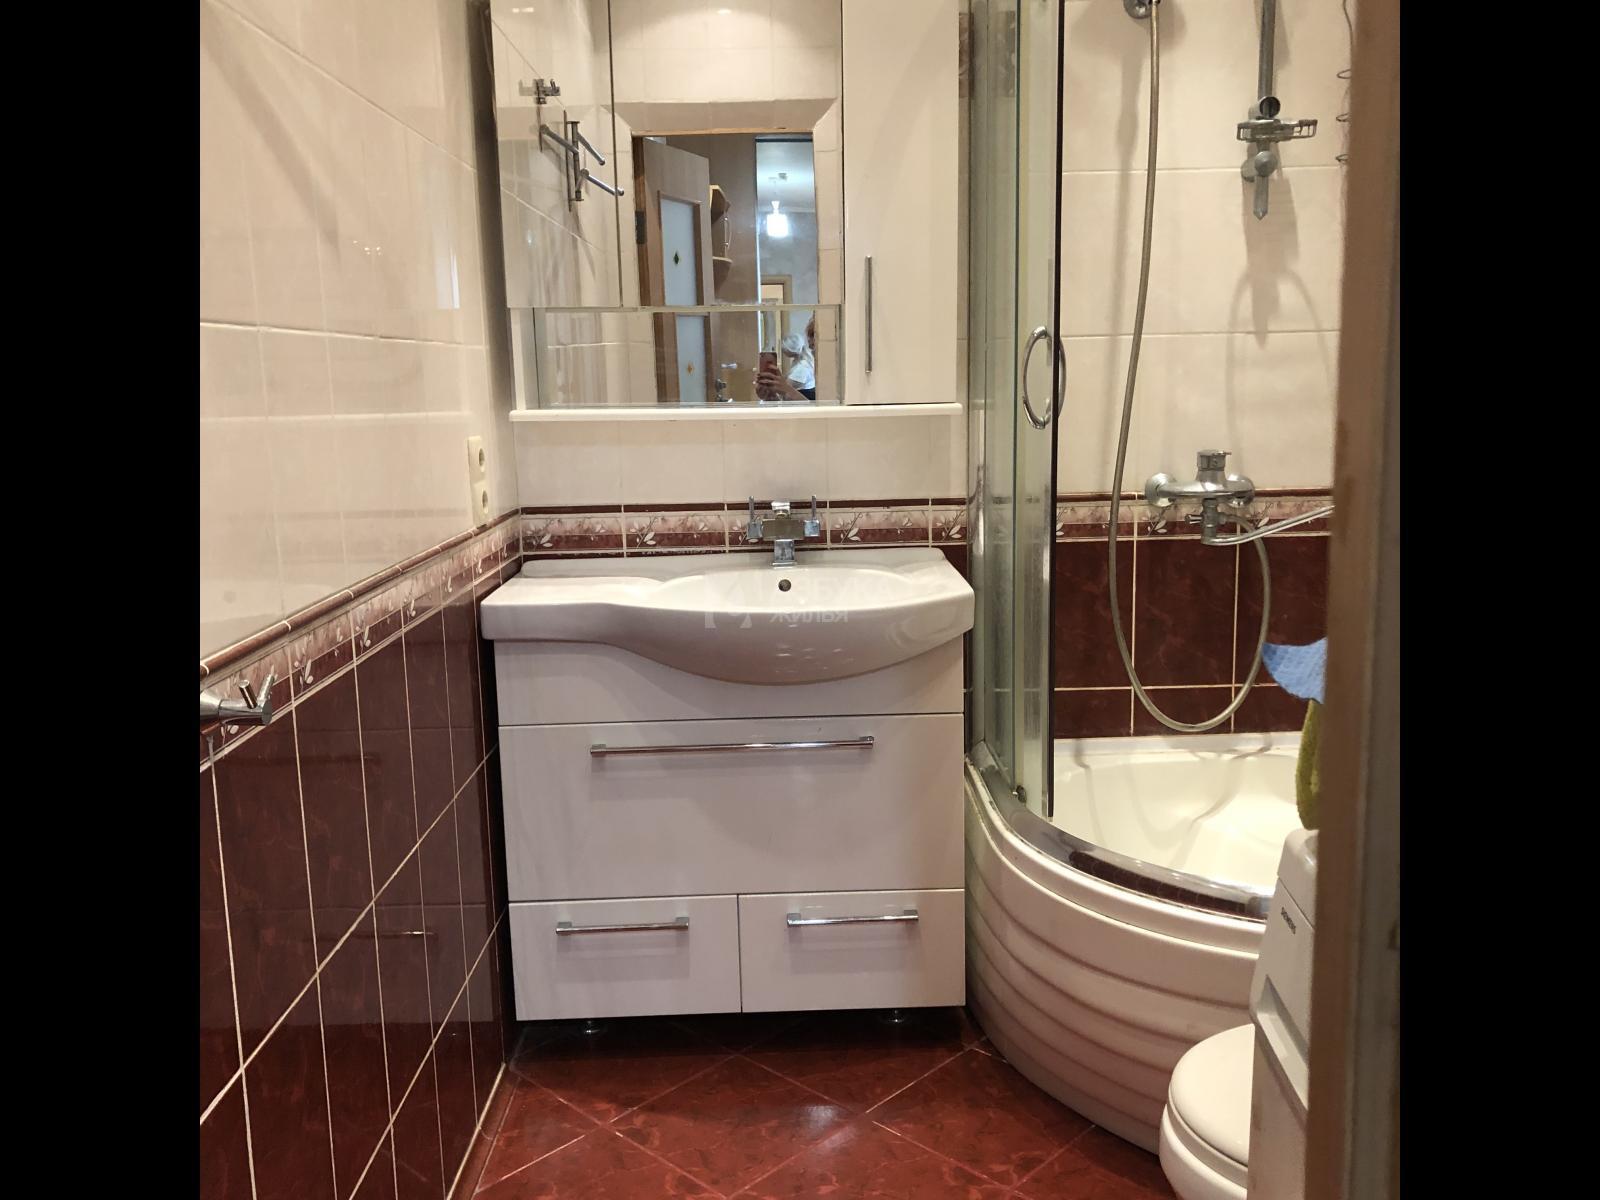 Фото №5 - 1-комнатная квартира, Москва, Зелёный проспект 22, метро Перово